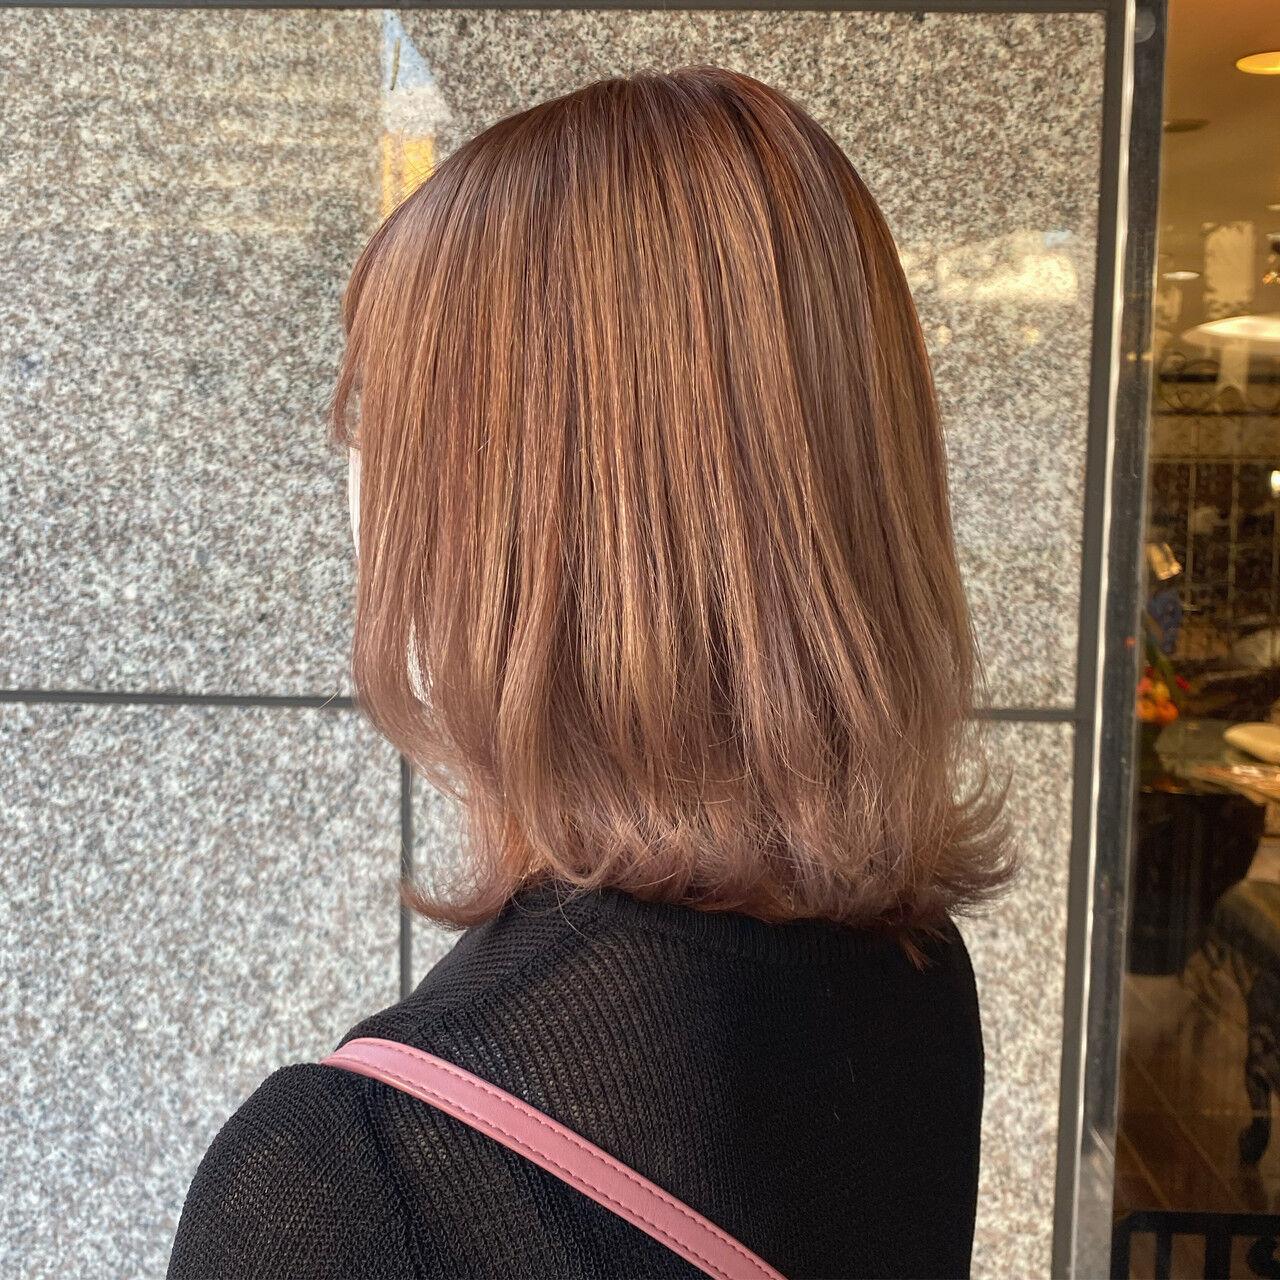 ミディアム ベージュ ラベンダー ヌーディベージュヘアスタイルや髪型の写真・画像